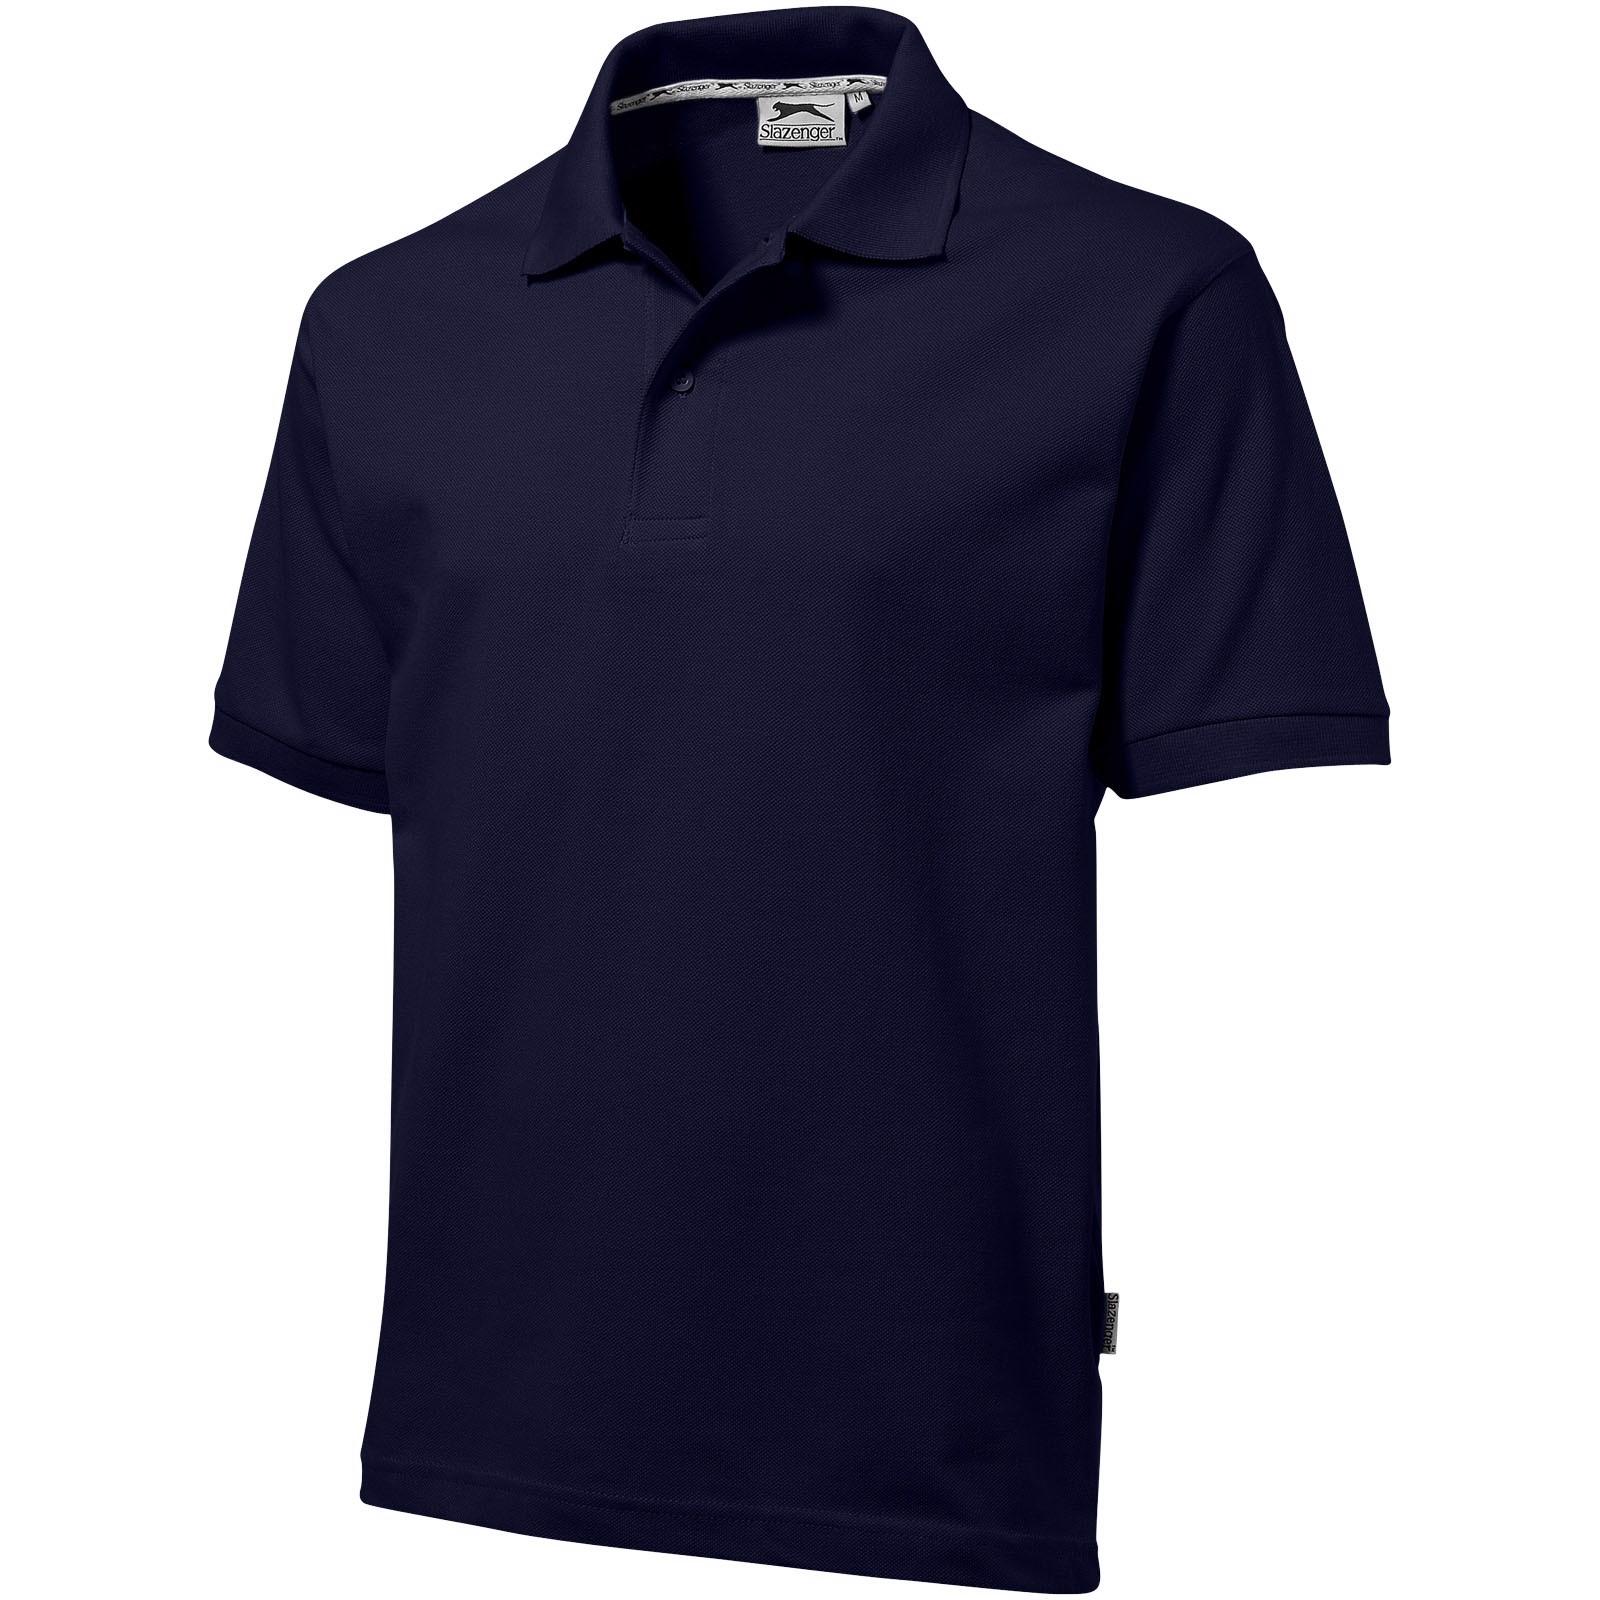 Forehand short sleeve men's polo - Navy / M